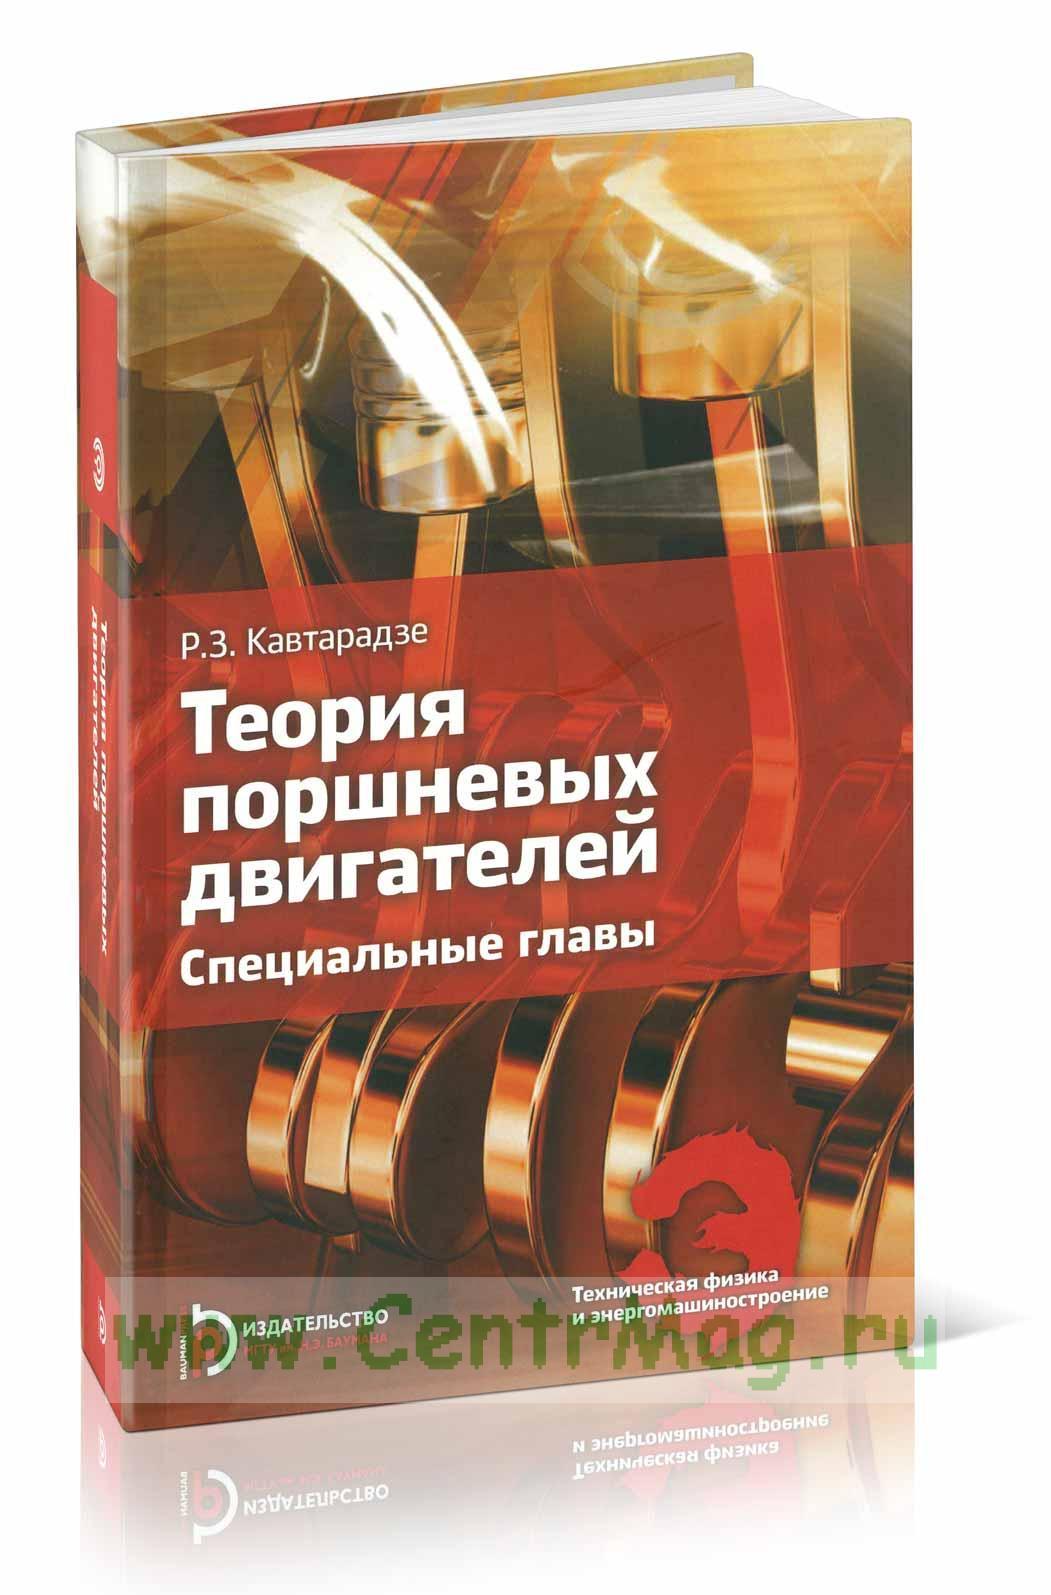 Теория поршневых двигателей. Специальные главы: учебник (2-е издание, исправленное и дополненное)